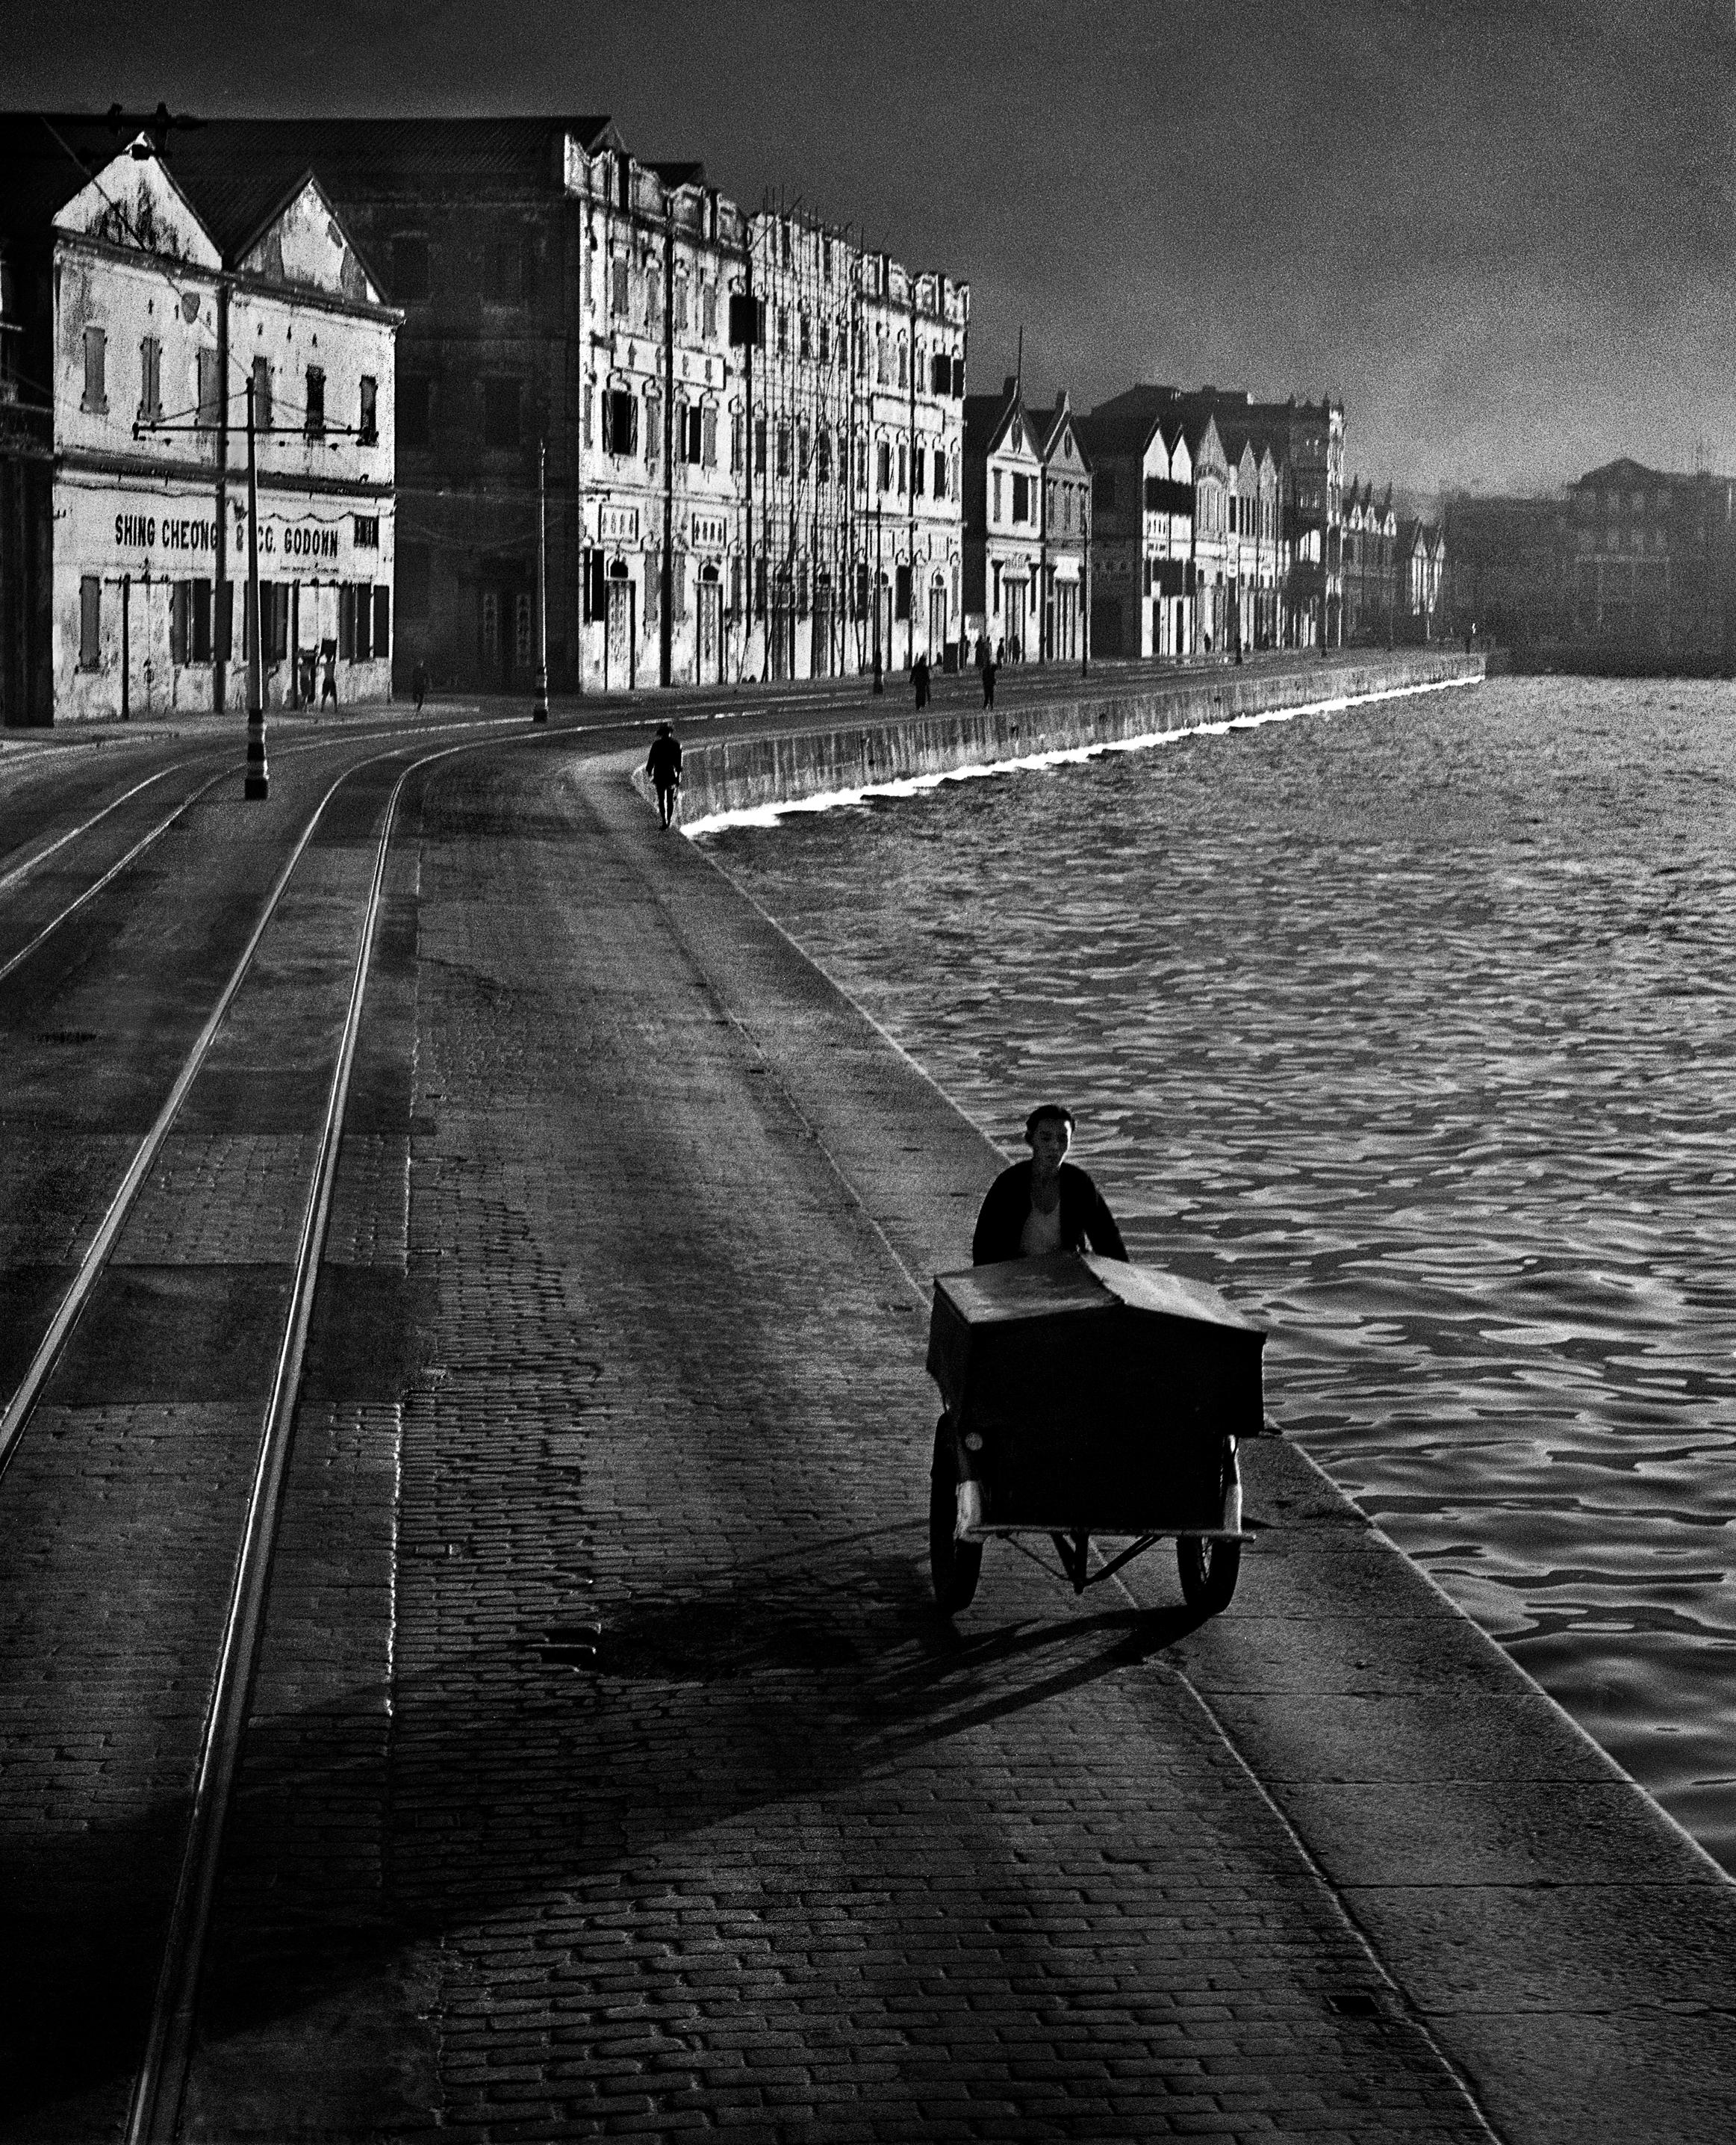 Fan Ho, As Evening Hurries By, Hong Kong 1955